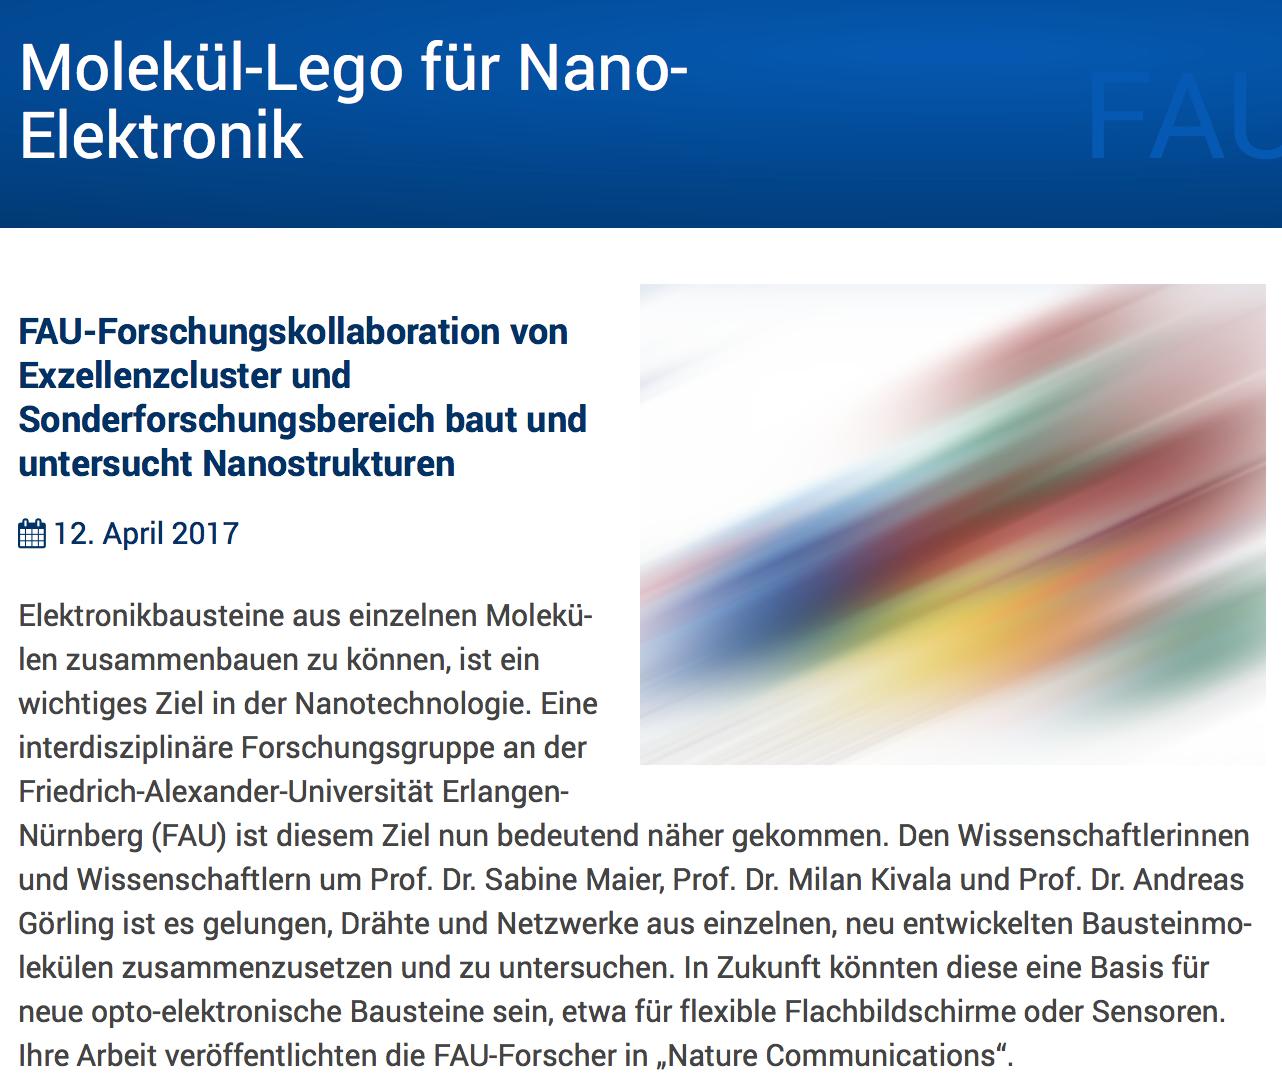 Molekül-Lego für Nano-Elektronik